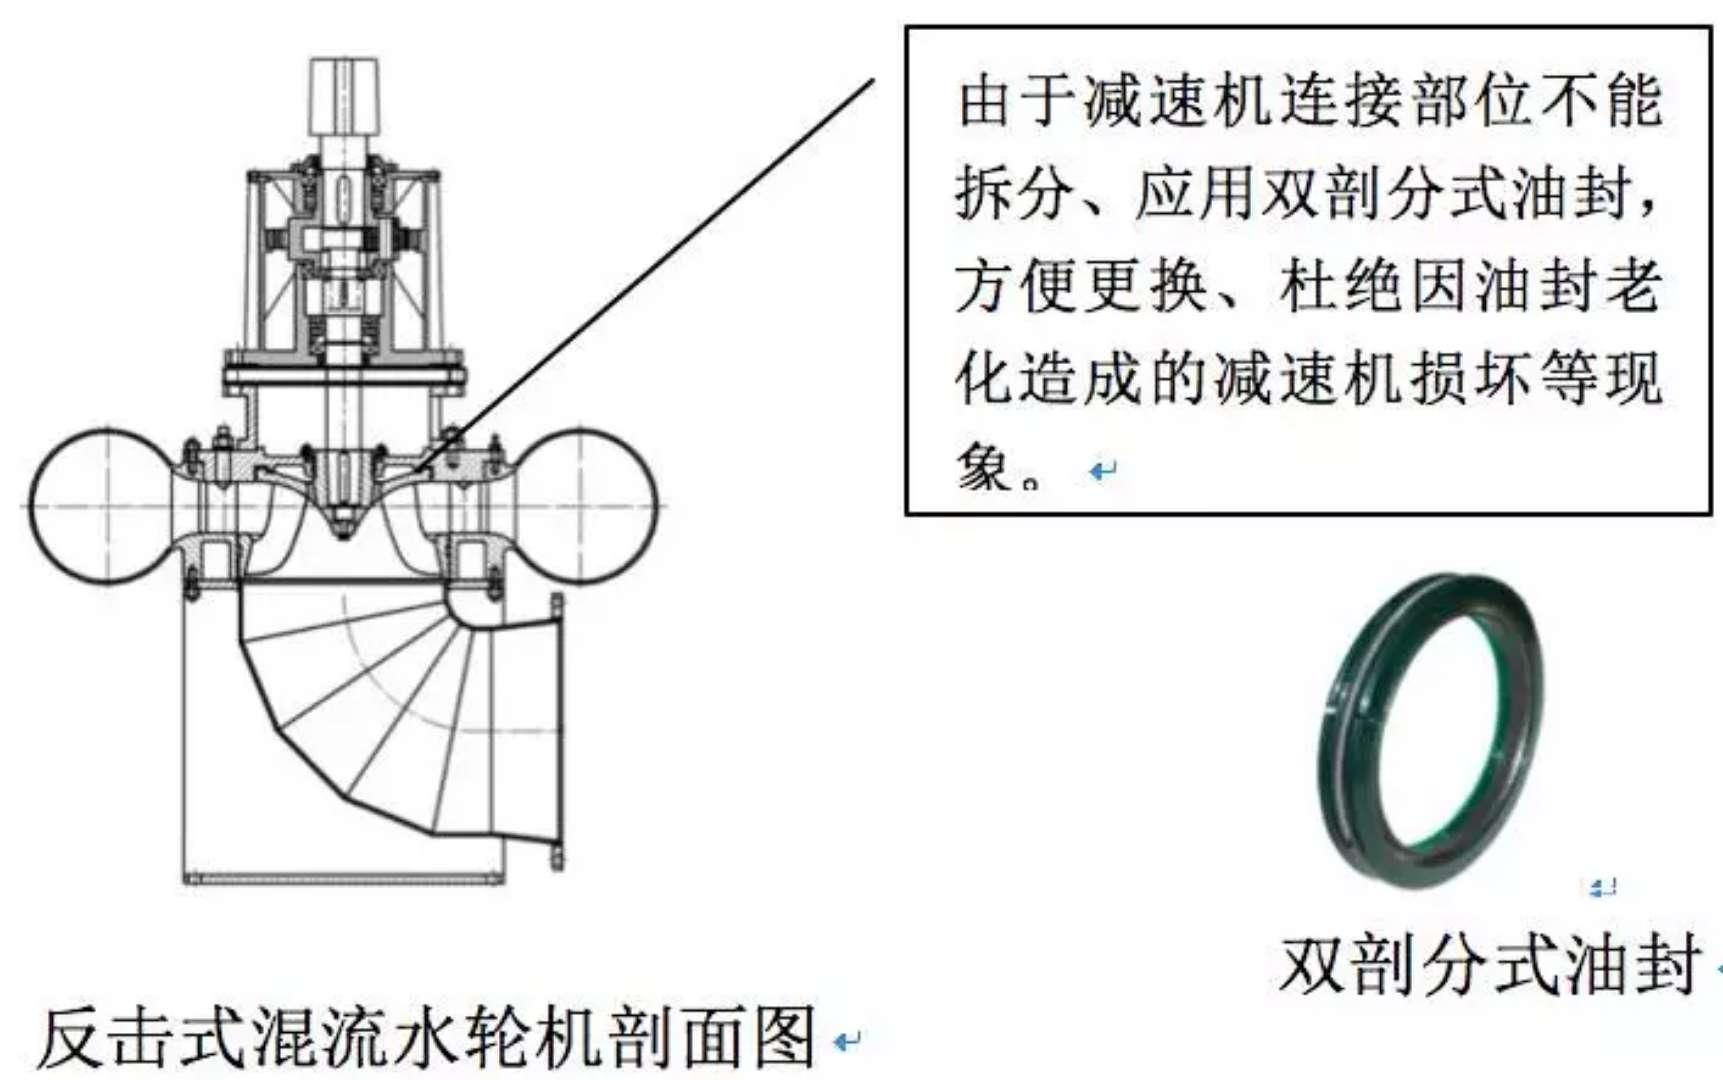 [中央空调节能技术]循环水系统冷却塔节能技改方案详解